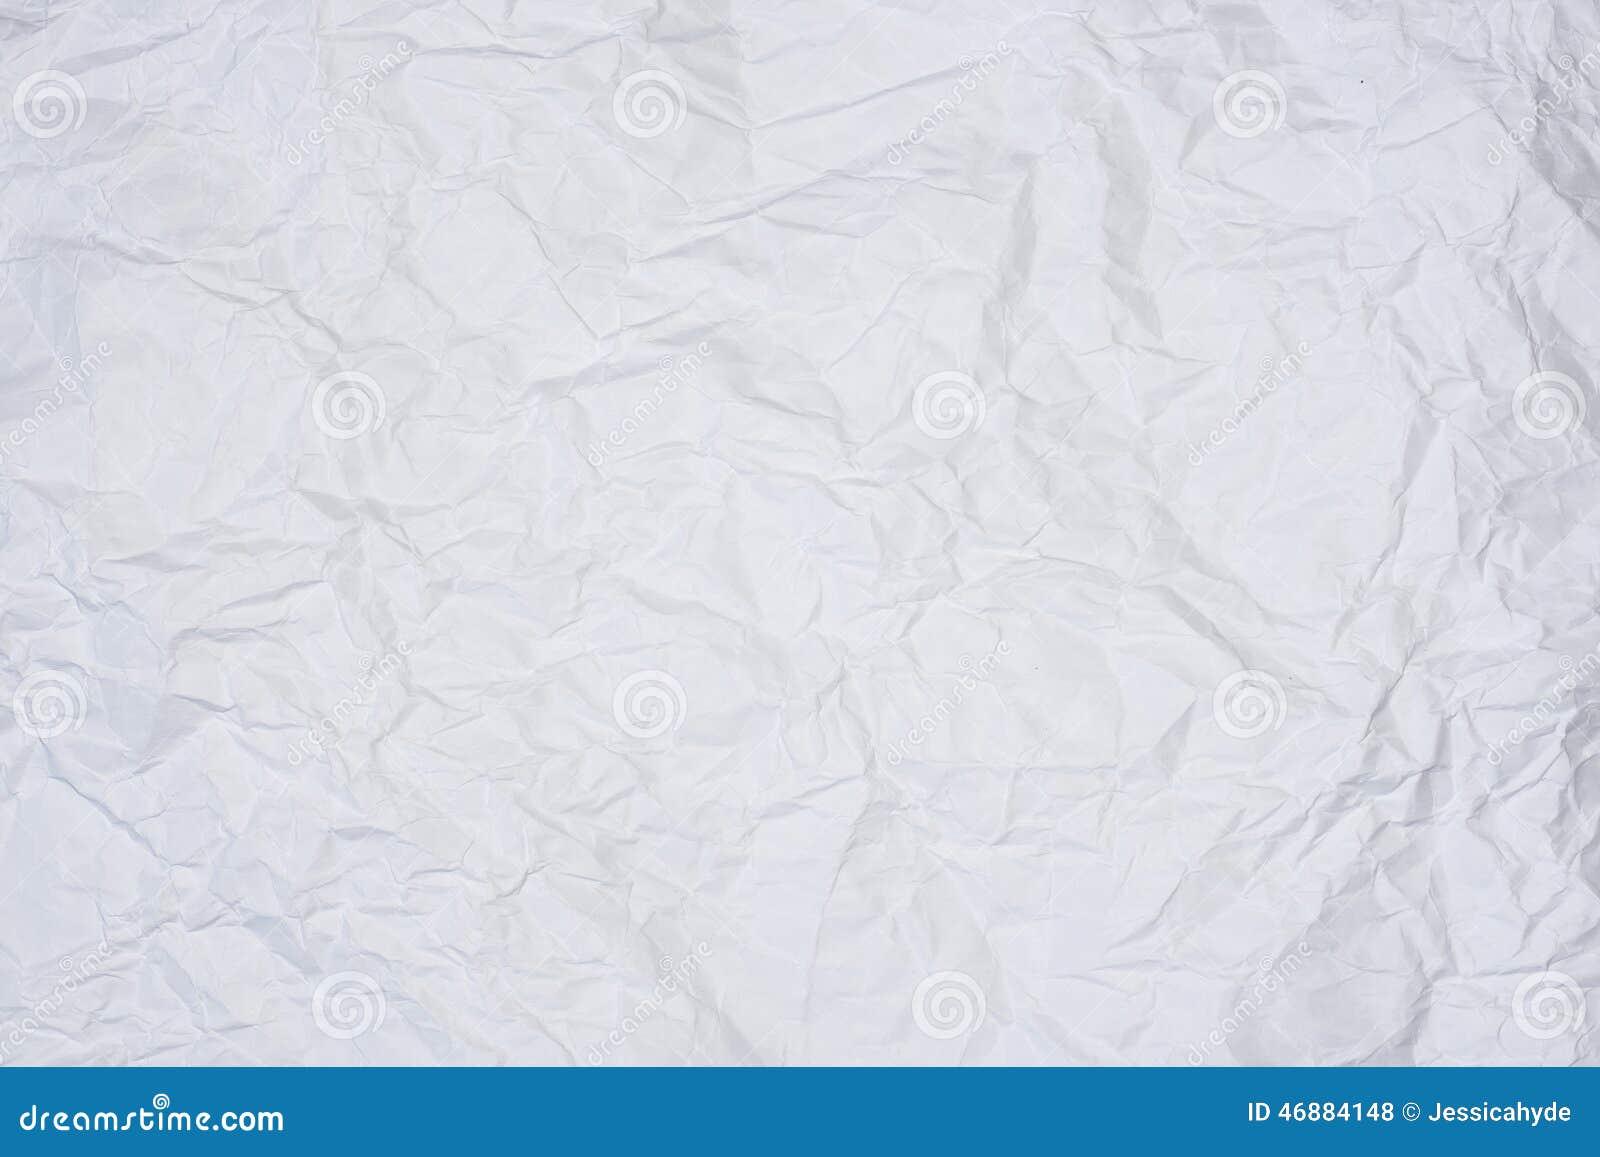 Сморщенный лист бумаги